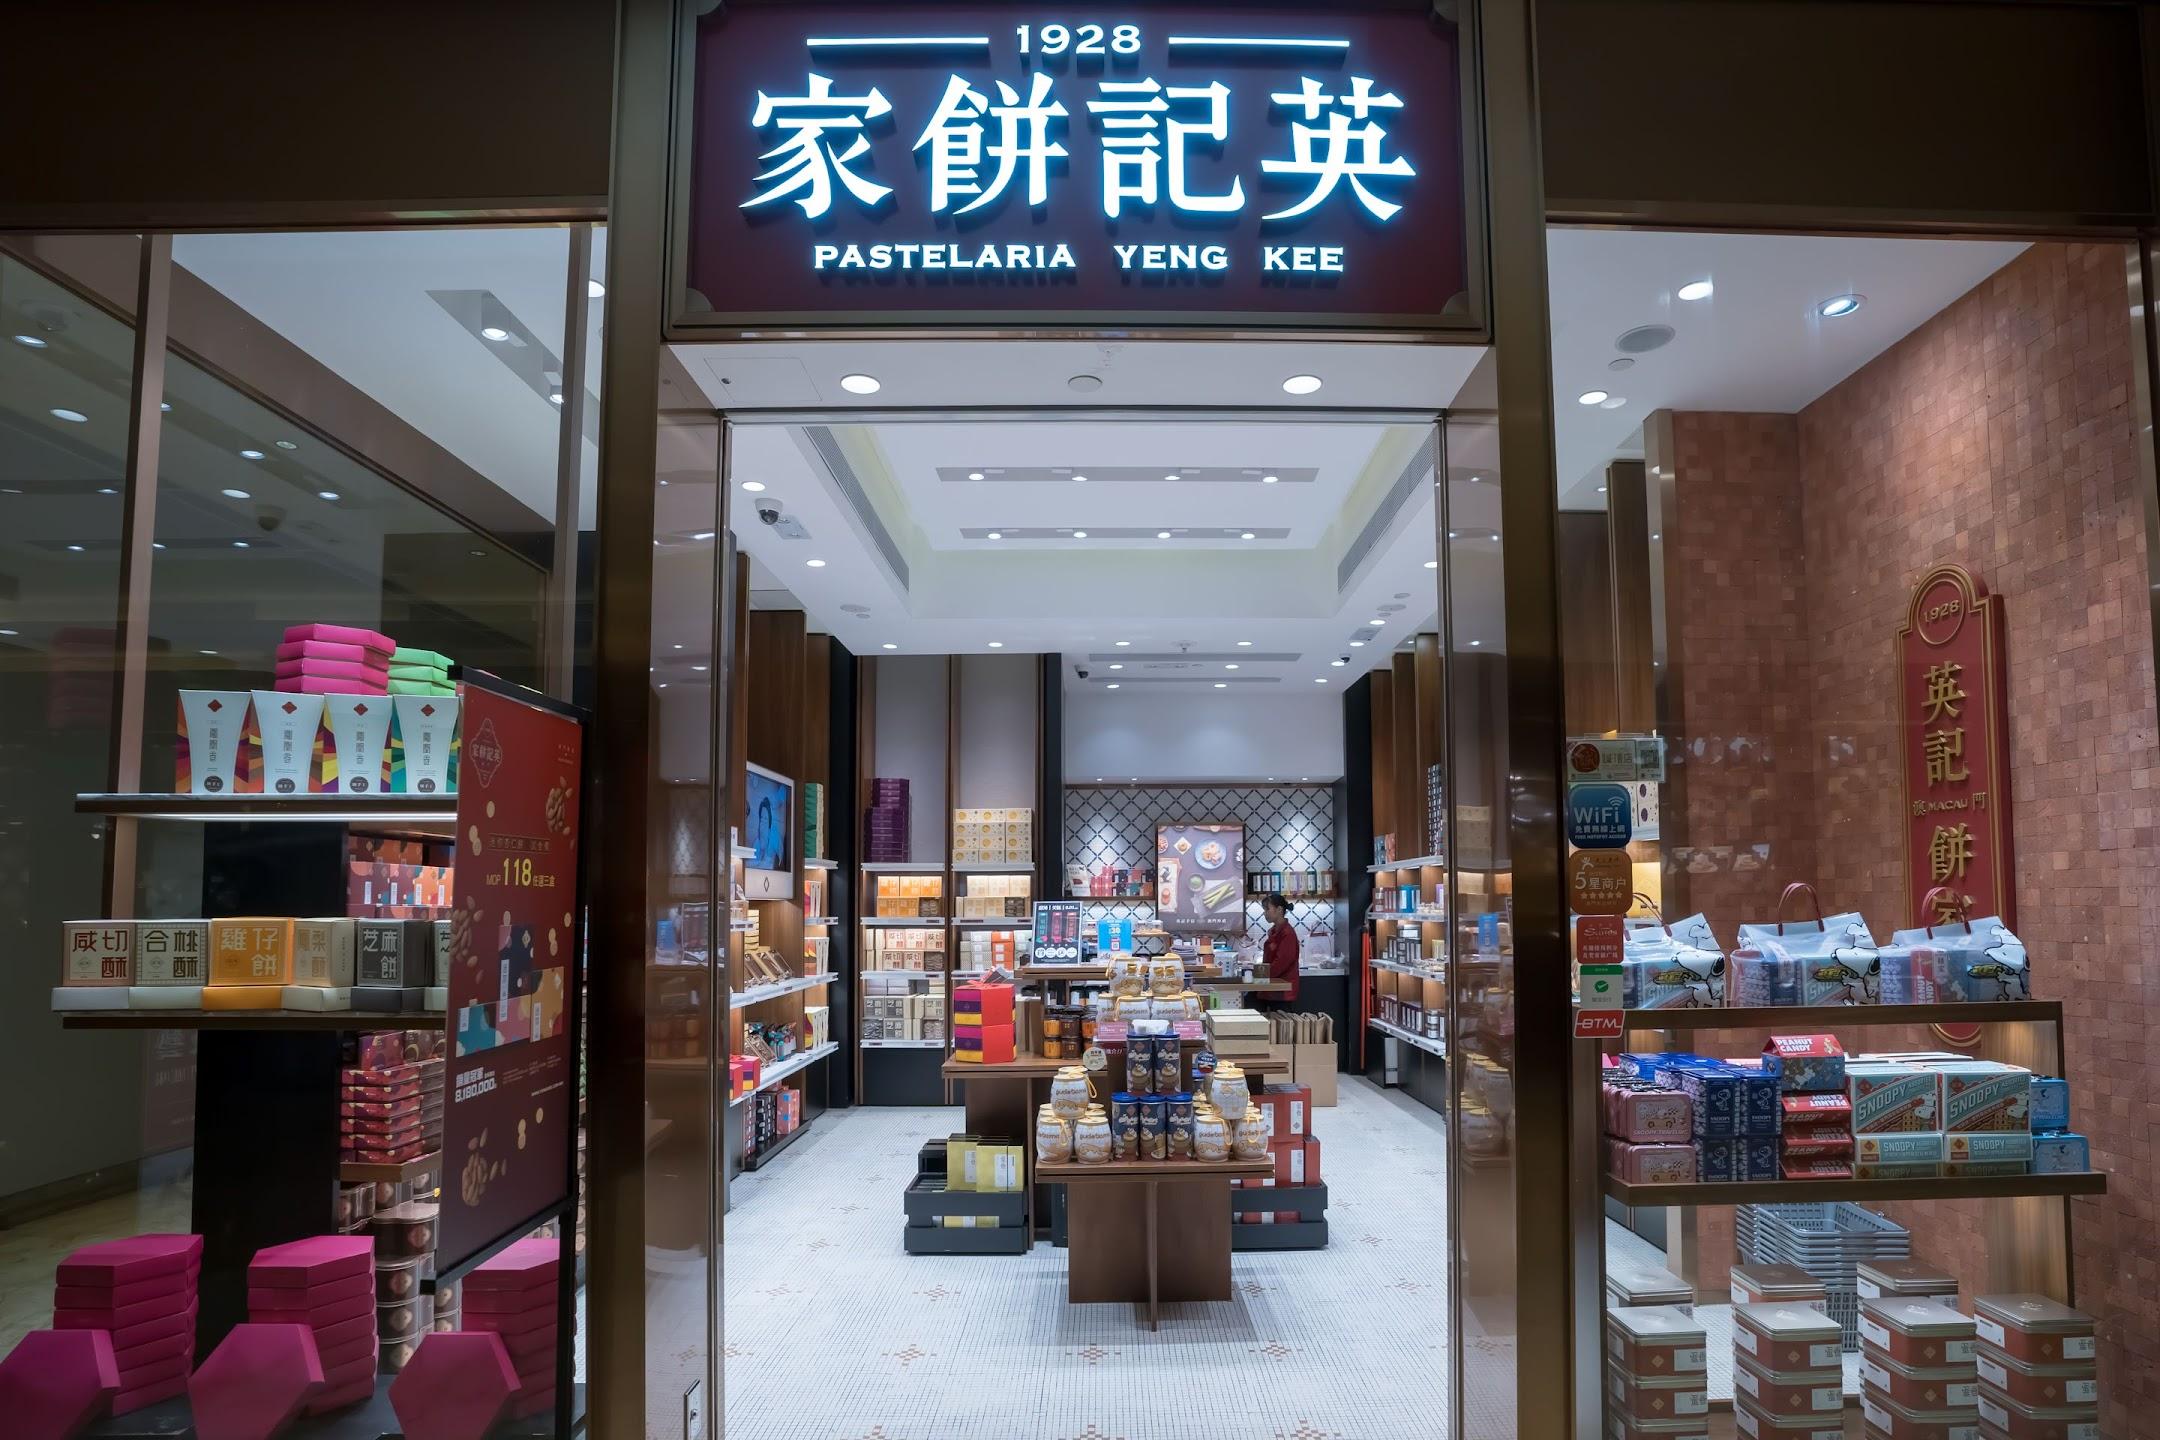 家餅記英 (Pastelaria Yeng Kee)